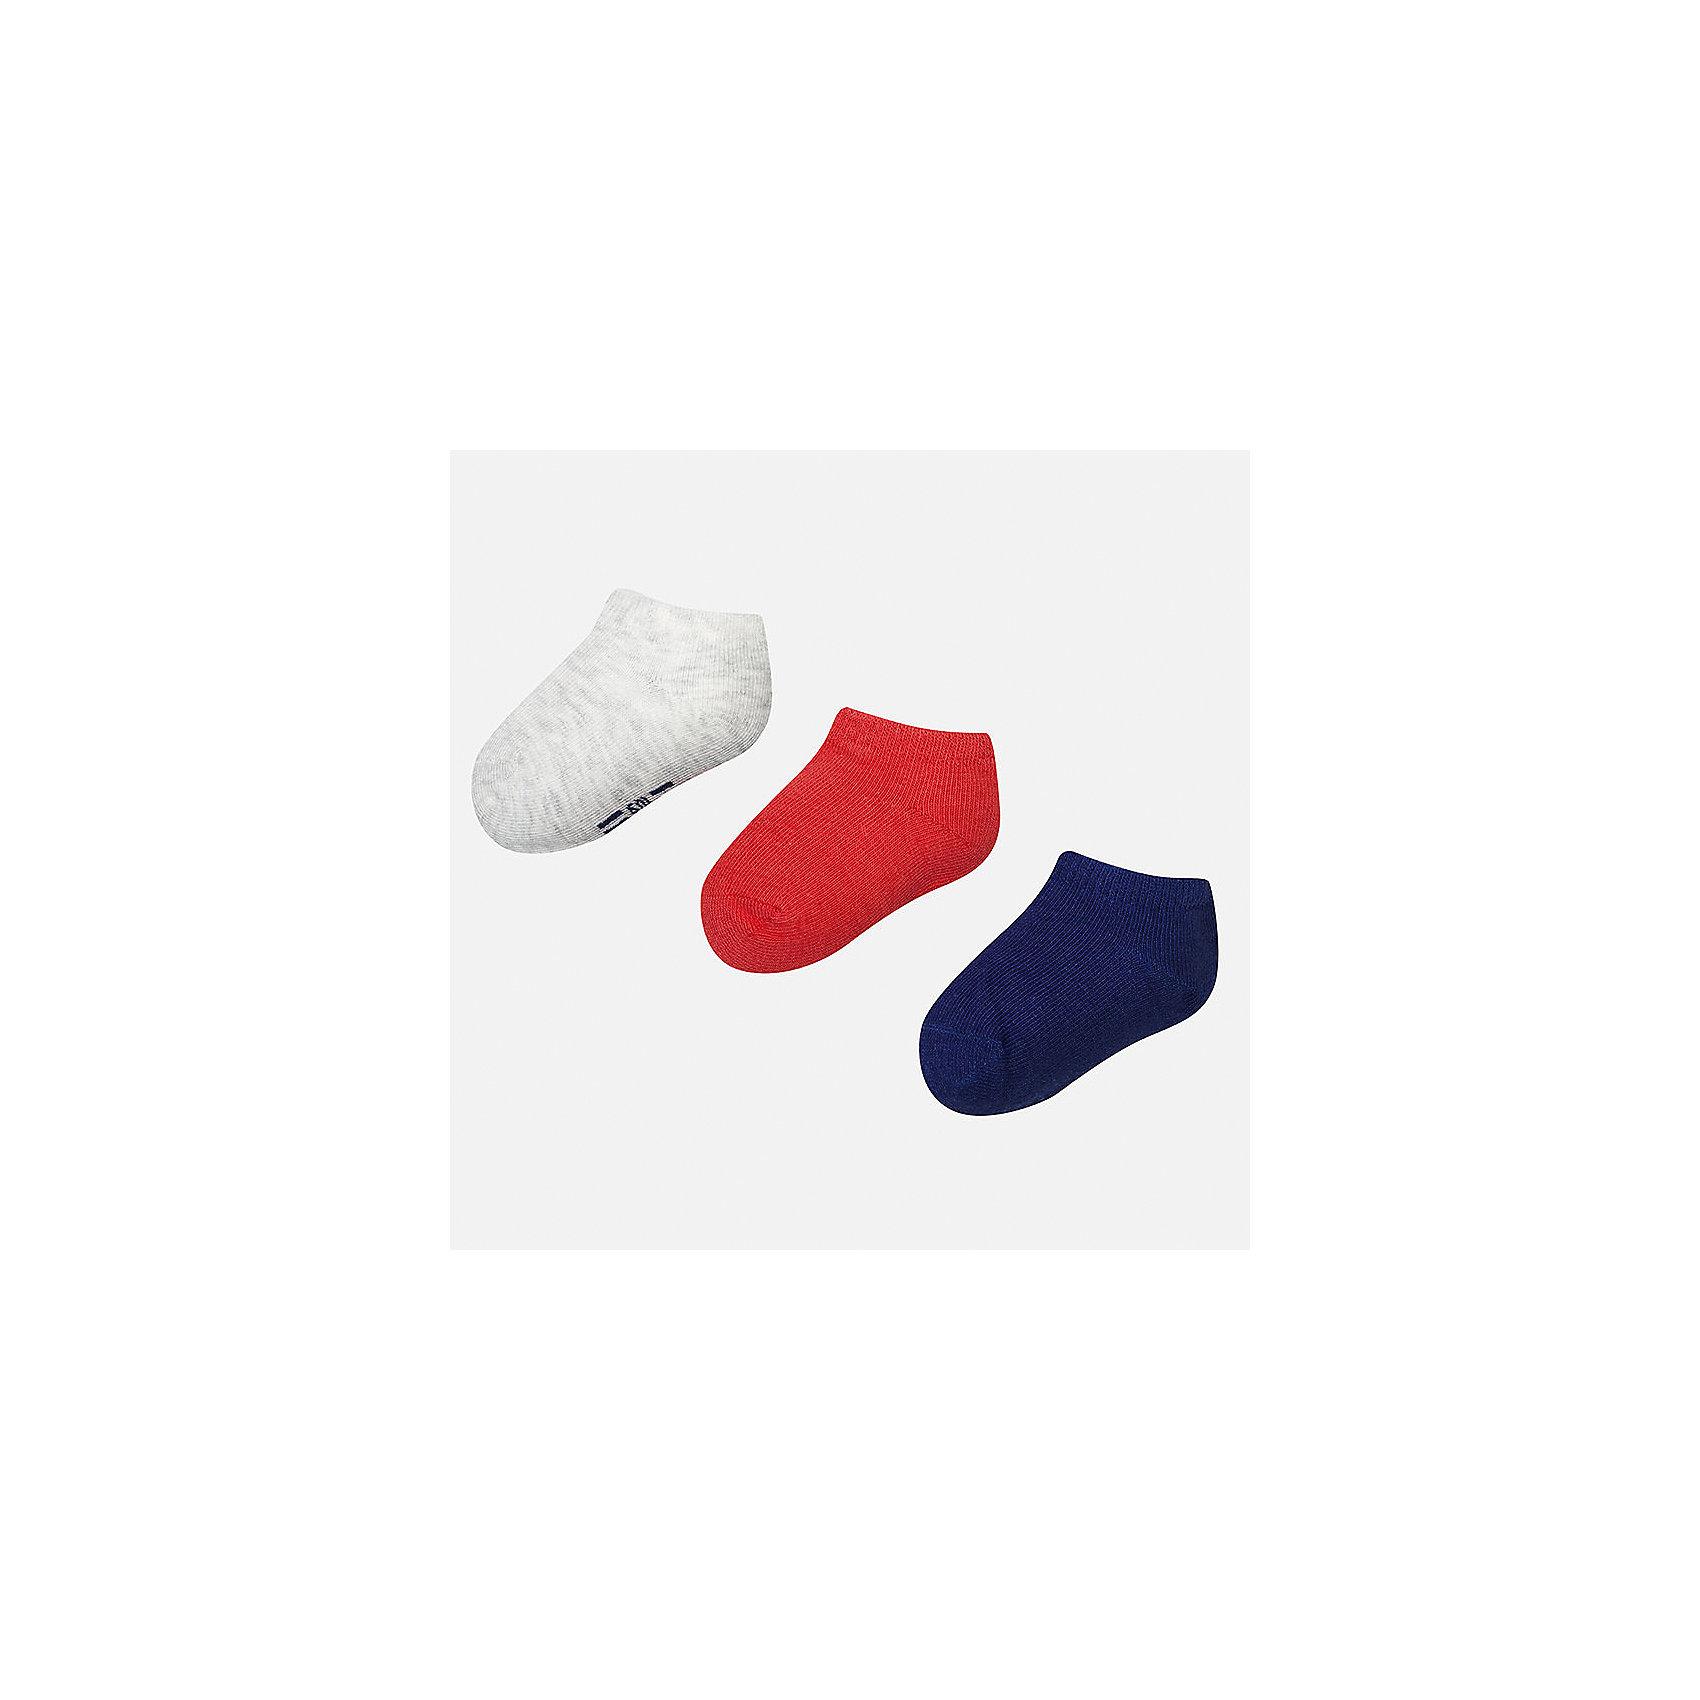 Носки (3 пары) для мальчика MayoralНоски<br>Характеристики товара:<br><br>• цвет: серый/красный/синий<br>• состав: 72% хлопок, 25% полиамид, 3% эластан<br>• комплектация: три пары<br>• мягкая резинка<br>• эластичный материал<br>• однотонные<br>• страна бренда: Испания<br><br>Удобные симпатичные носки для мальчика помогут обеспечить ребенку комфорт и дополнить наряд. Универсальный цвет позволяет надевать их под обувь разных расцветок. Носки удобно сидят на ноге и аккуратно смотрятся. Этот комплект - практичный и красивый! В составе материала - натуральный хлопок, гипоаллергенный, приятный на ощупь, дышащий. <br><br>Одежда, обувь и аксессуары от испанского бренда Mayoral полюбились детям и взрослым по всему миру. Модели этой марки - стильные и удобные. Для их производства используются только безопасные, качественные материалы и фурнитура. Порадуйте ребенка модными и красивыми вещами от Mayoral! <br><br>Носки (3 пары) для мальчика от испанского бренда Mayoral (Майорал) можно купить в нашем интернет-магазине.<br><br>Ширина мм: 87<br>Глубина мм: 10<br>Высота мм: 105<br>Вес г: 115<br>Цвет: серый<br>Возраст от месяцев: 12<br>Возраст до месяцев: 24<br>Пол: Мужской<br>Возраст: Детский<br>Размер: 2,1<br>SKU: 5294241